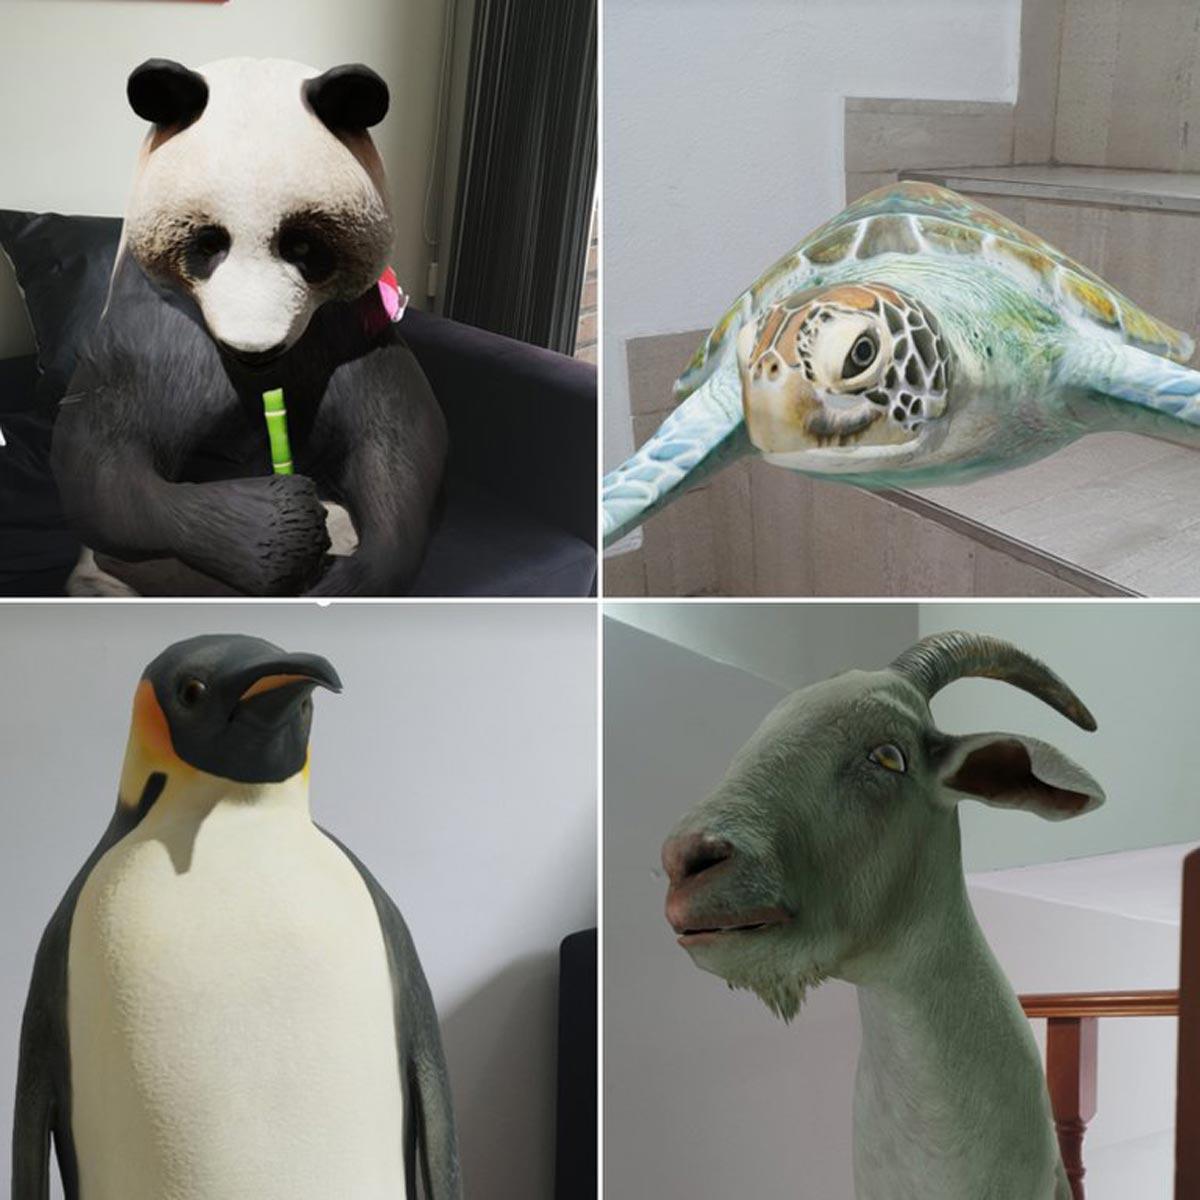 Quelques-uns des nombreux animaux en réalité augmentée trouvés dans le moteur de recherche Google.